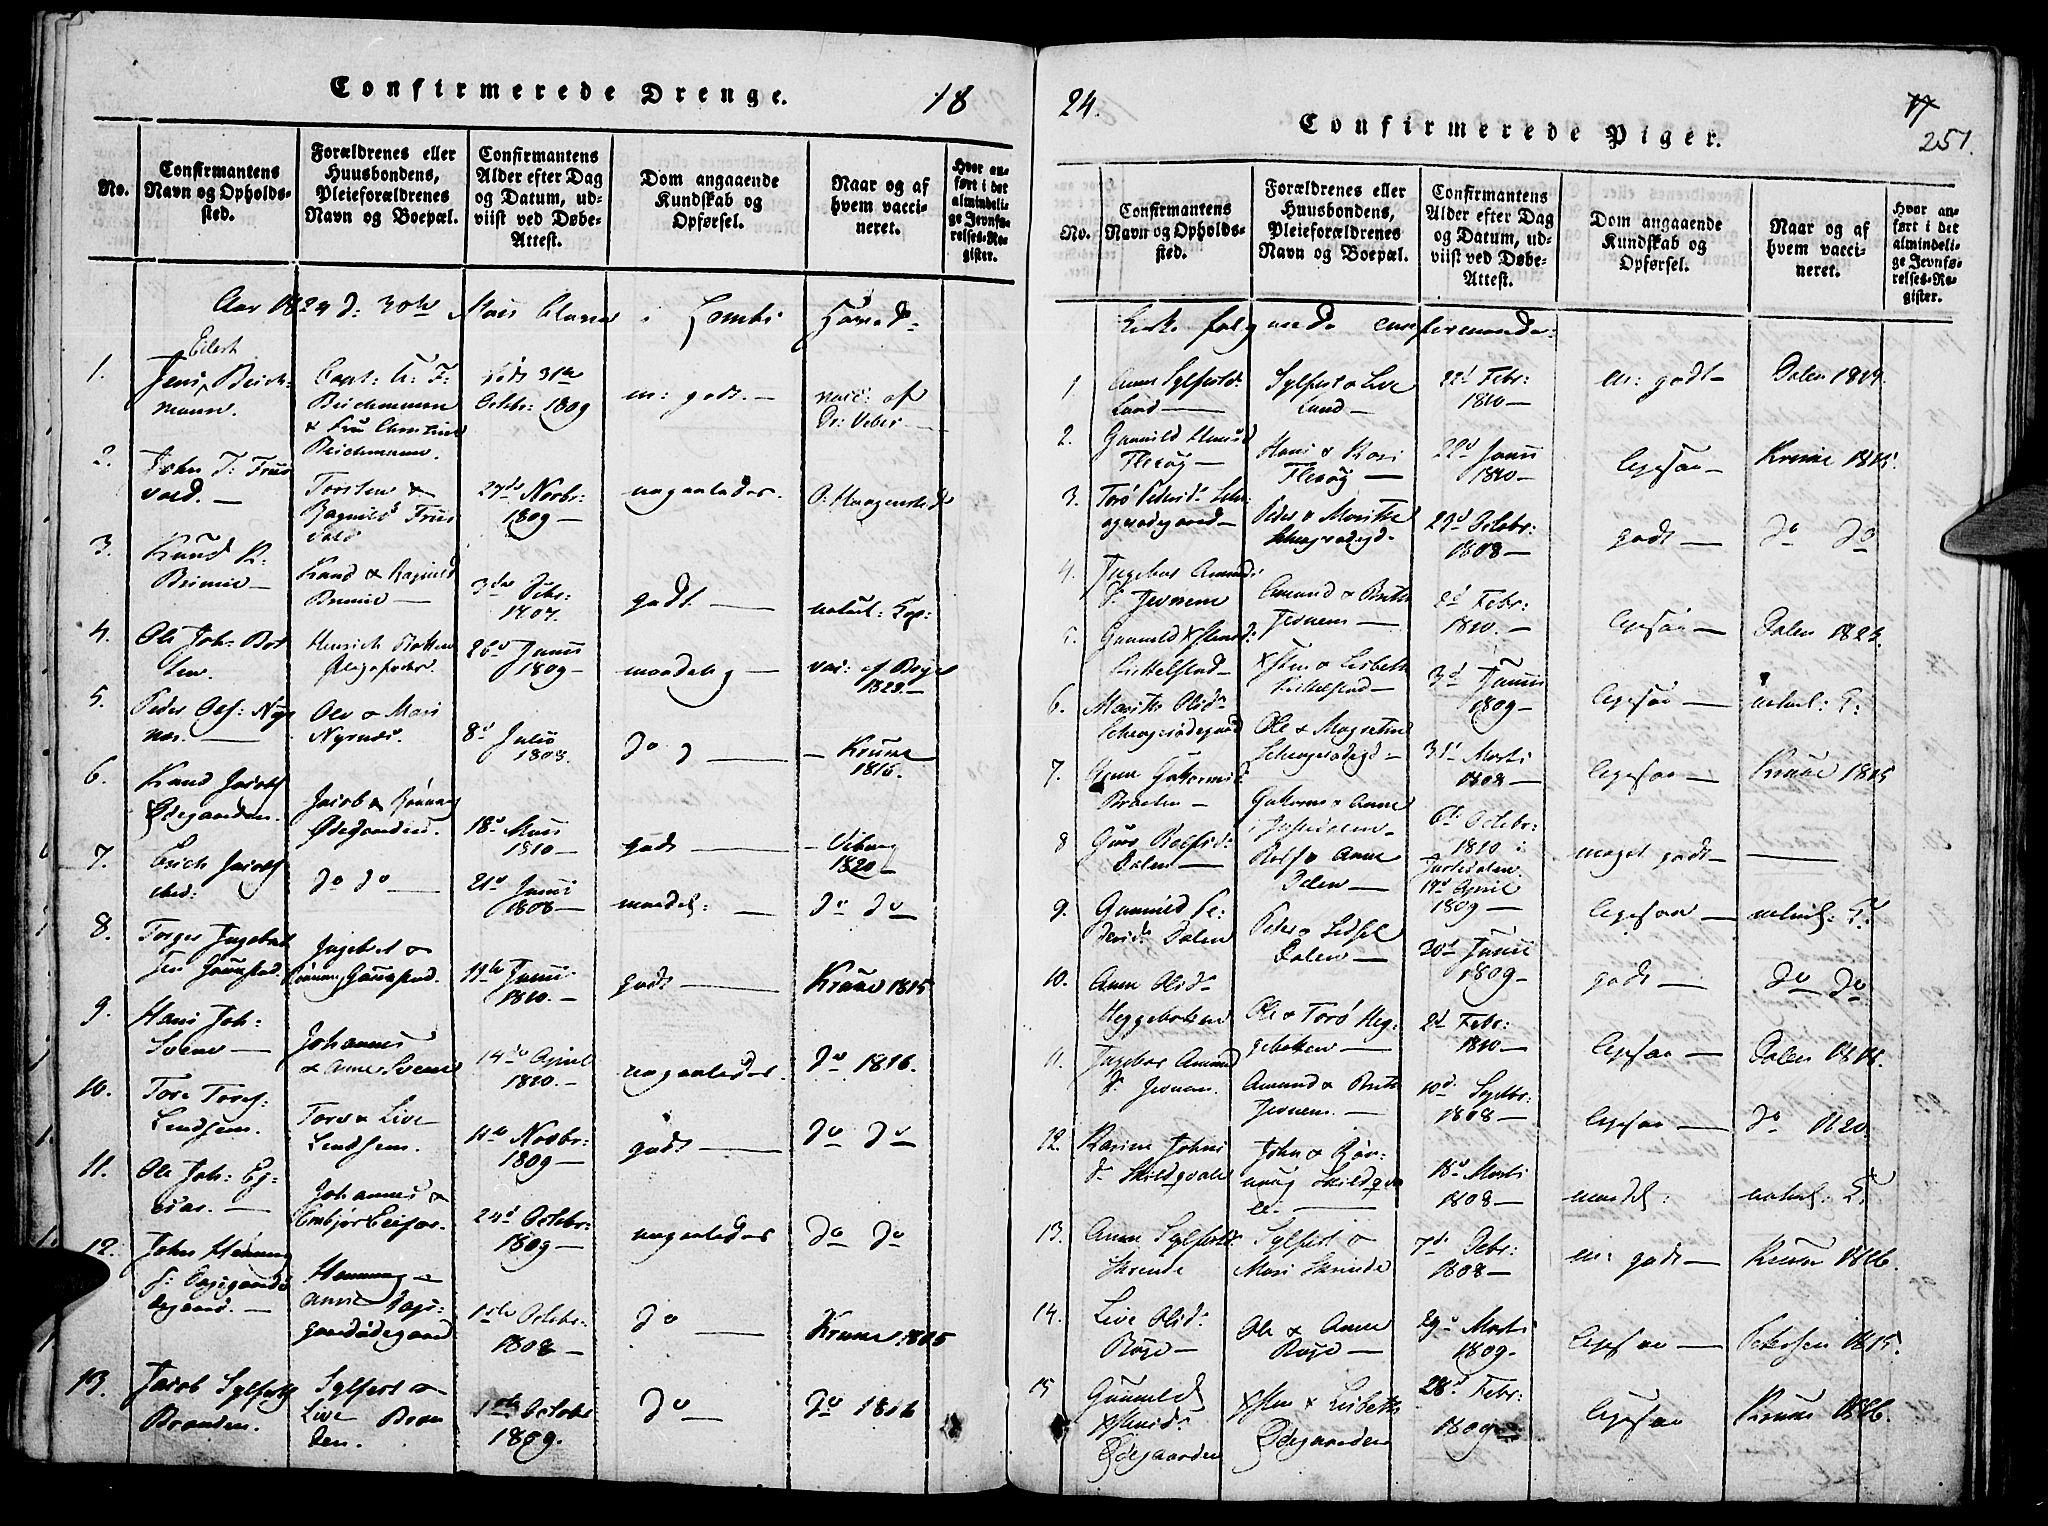 SAH, Lom prestekontor, K/L0004: Ministerialbok nr. 4, 1815-1825, s. 251